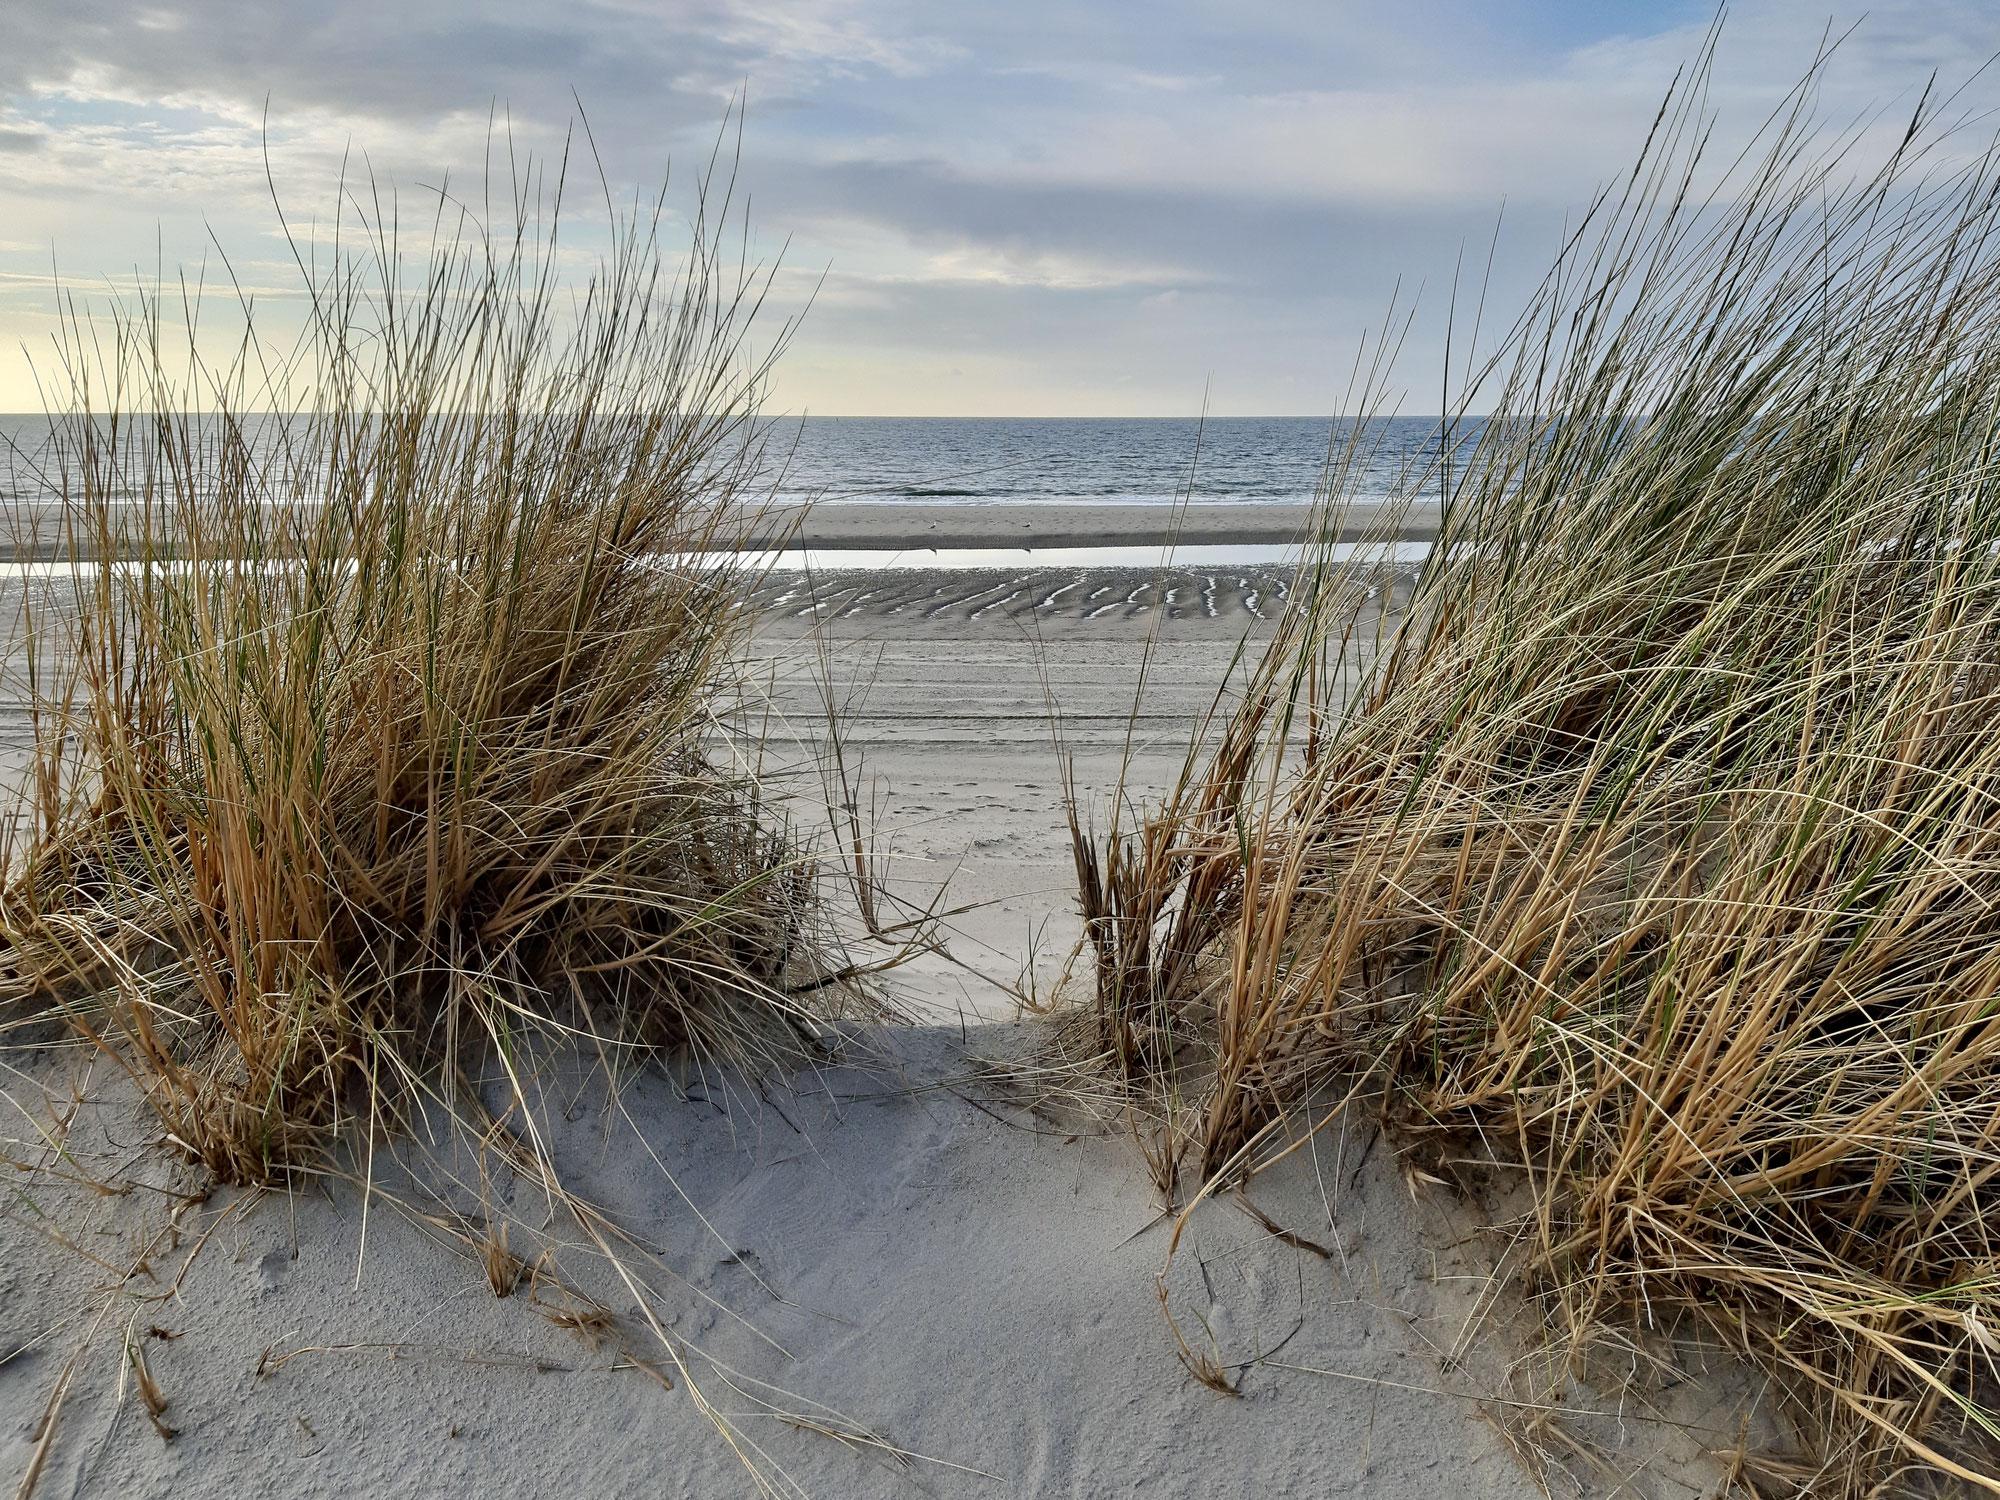 Sandkörner